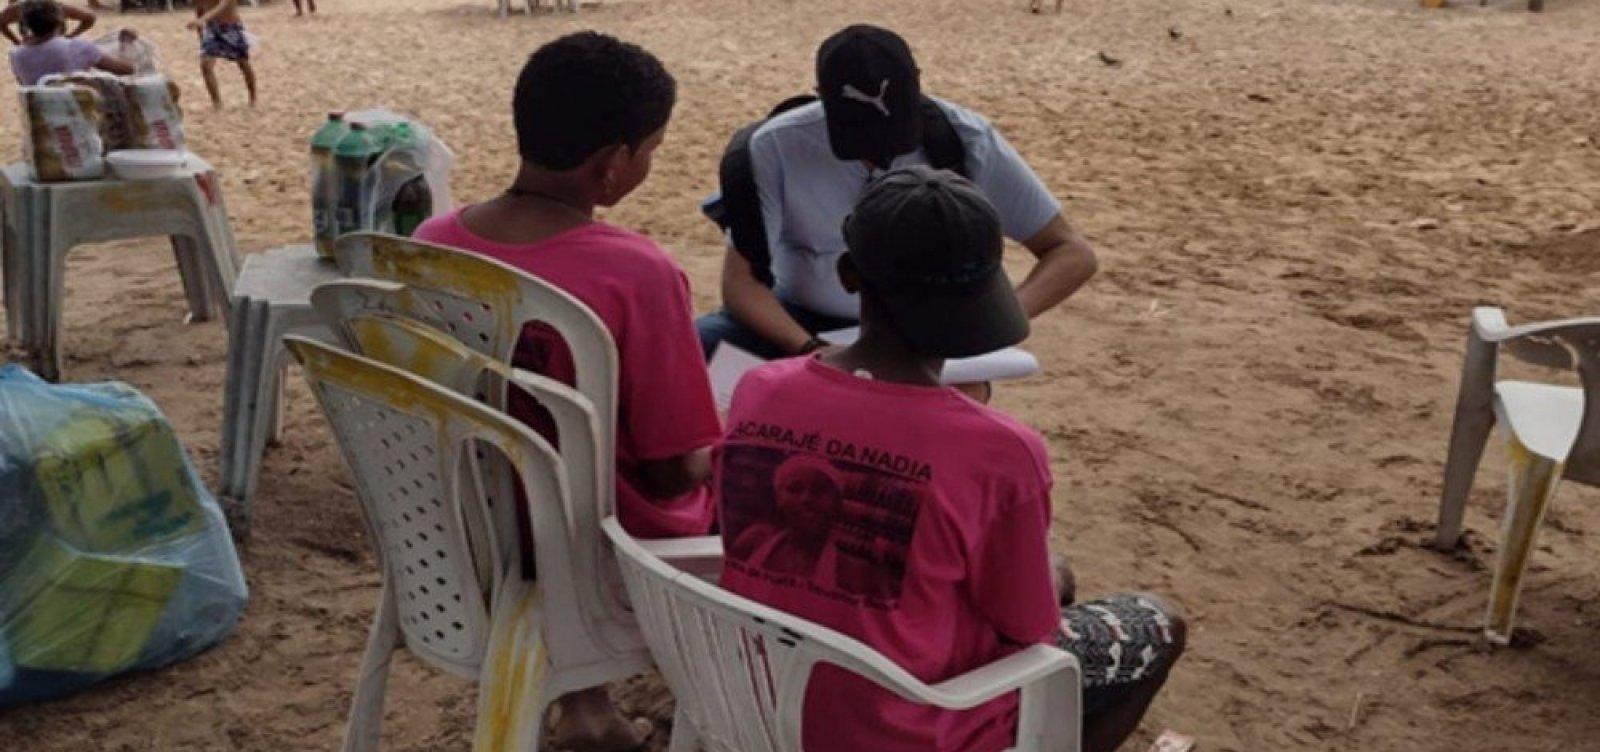 [Estabelecimentos são notificados por explorar mão de obra infantil em praias de Salvador e região metropolitana]